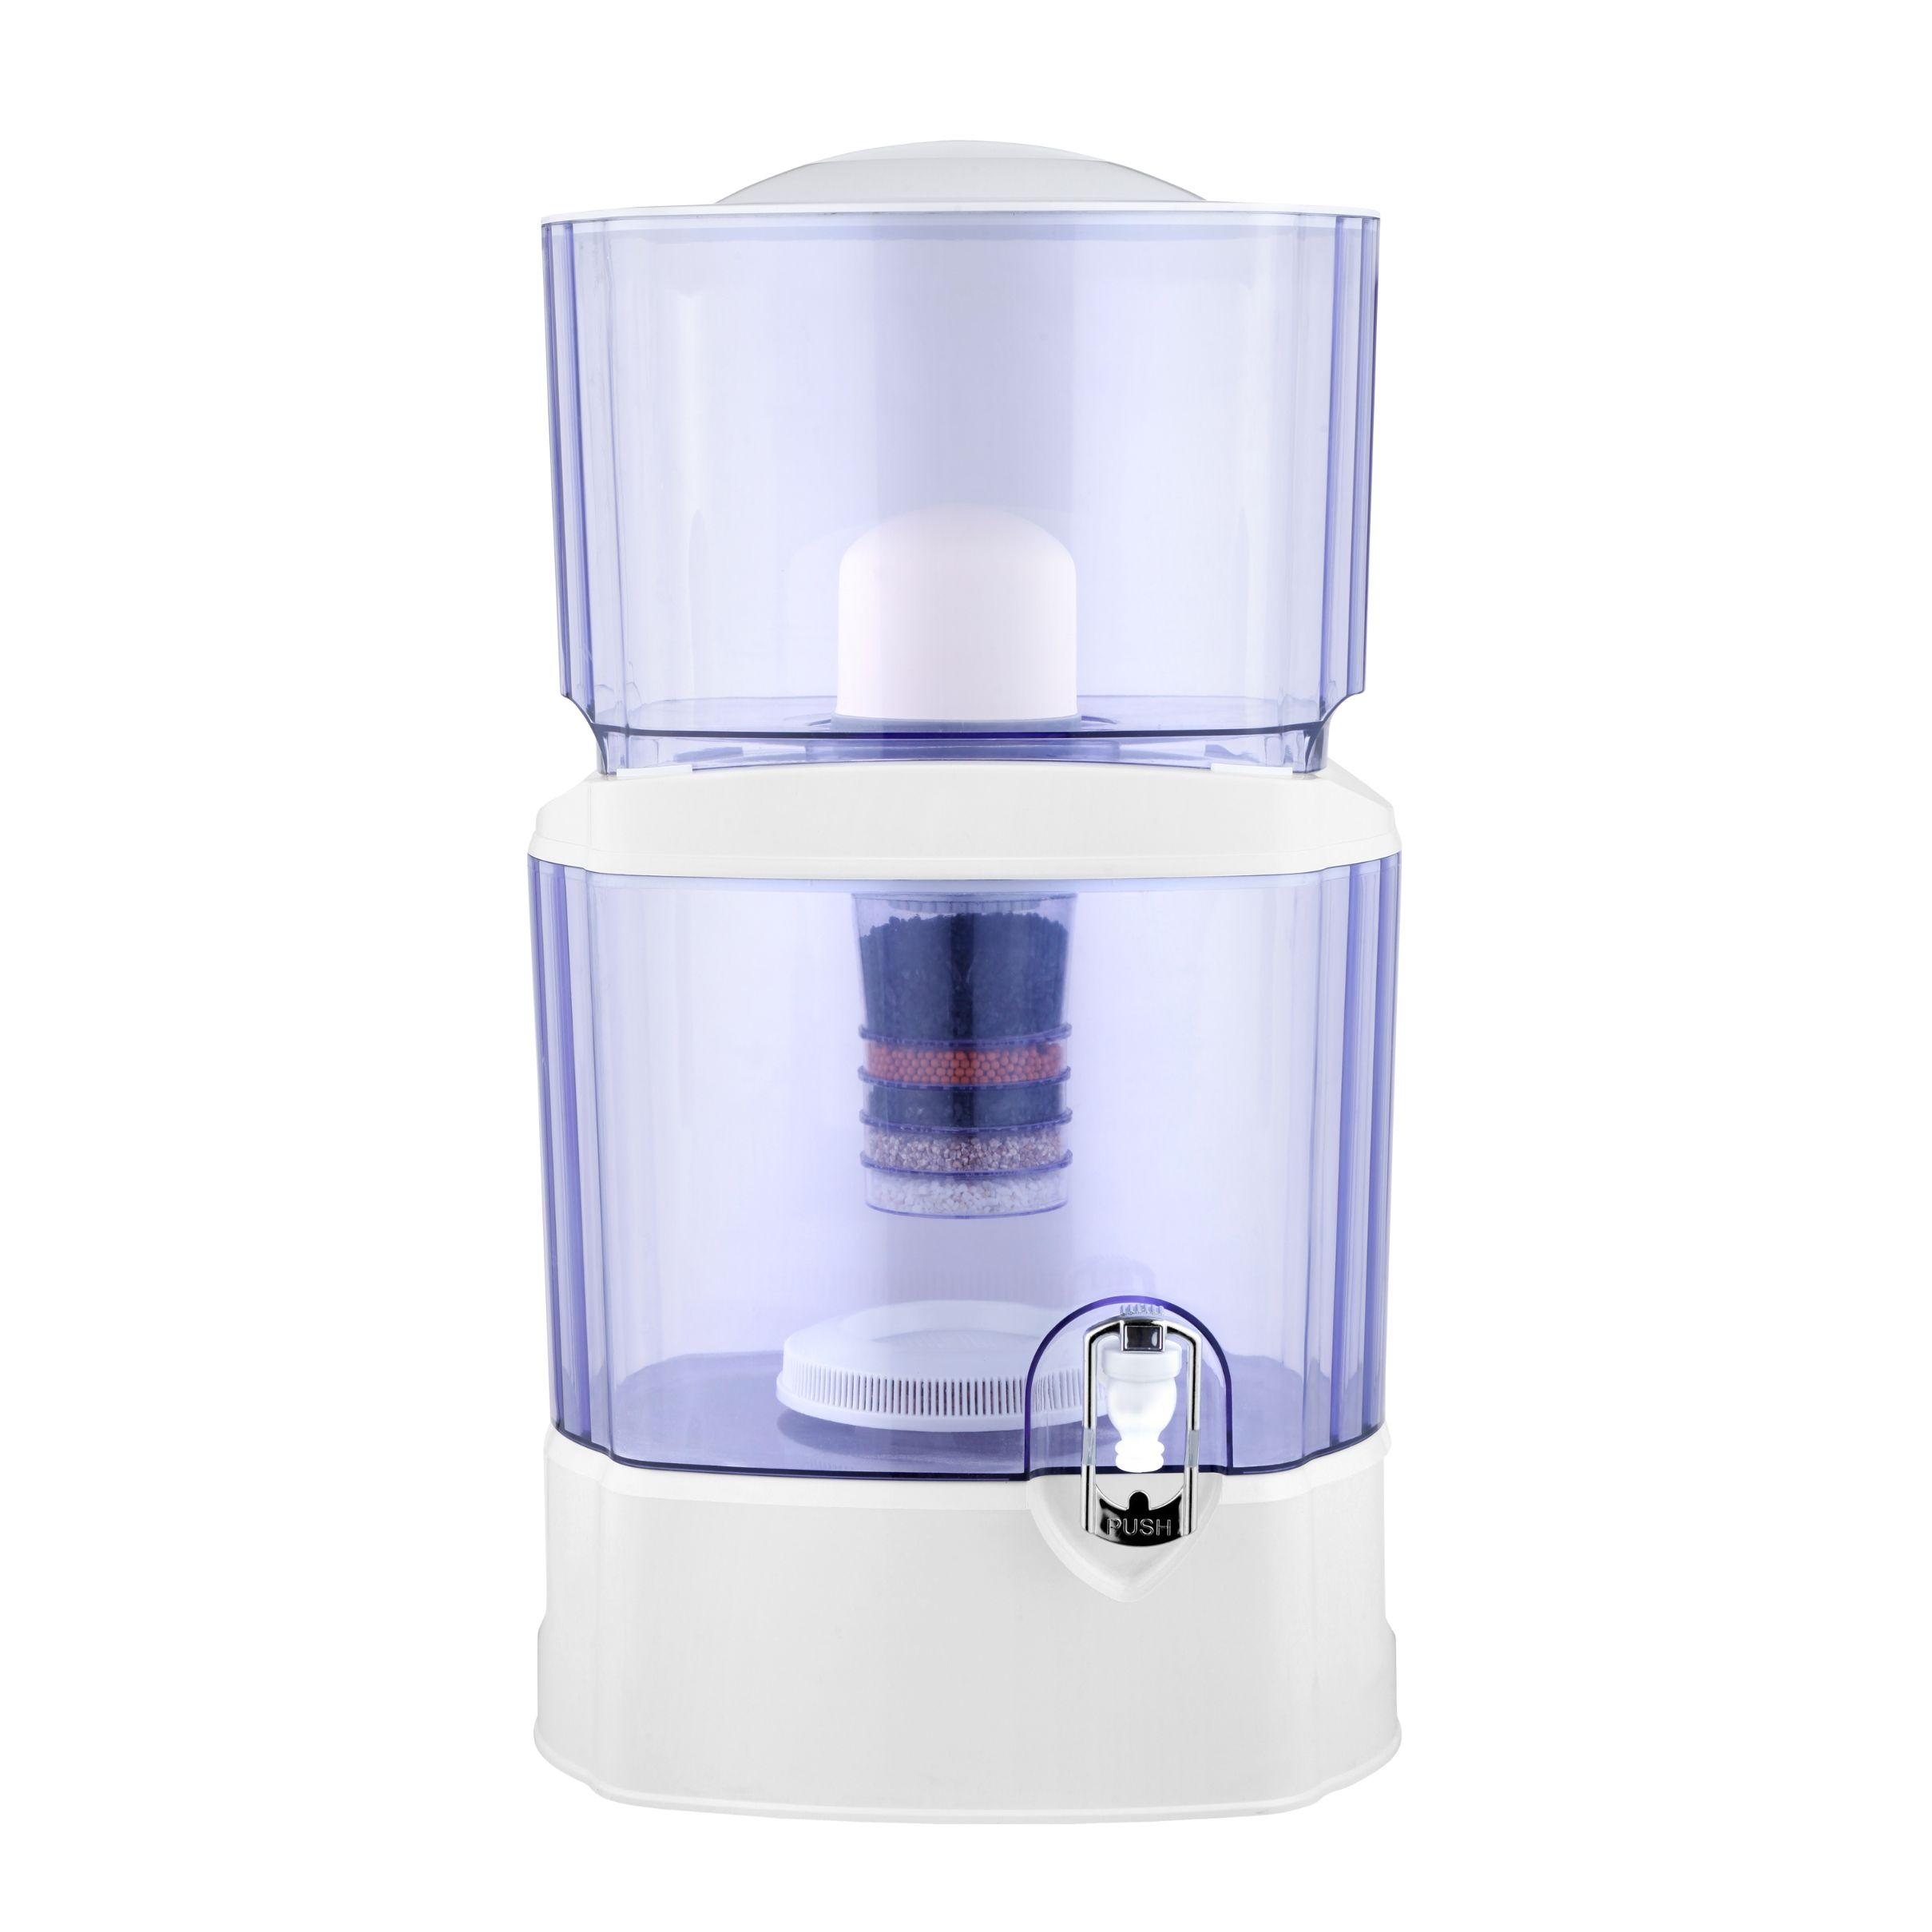 净水器过滤桶家用户外直饮自来水矿化桶过滤芯陶瓷球24L